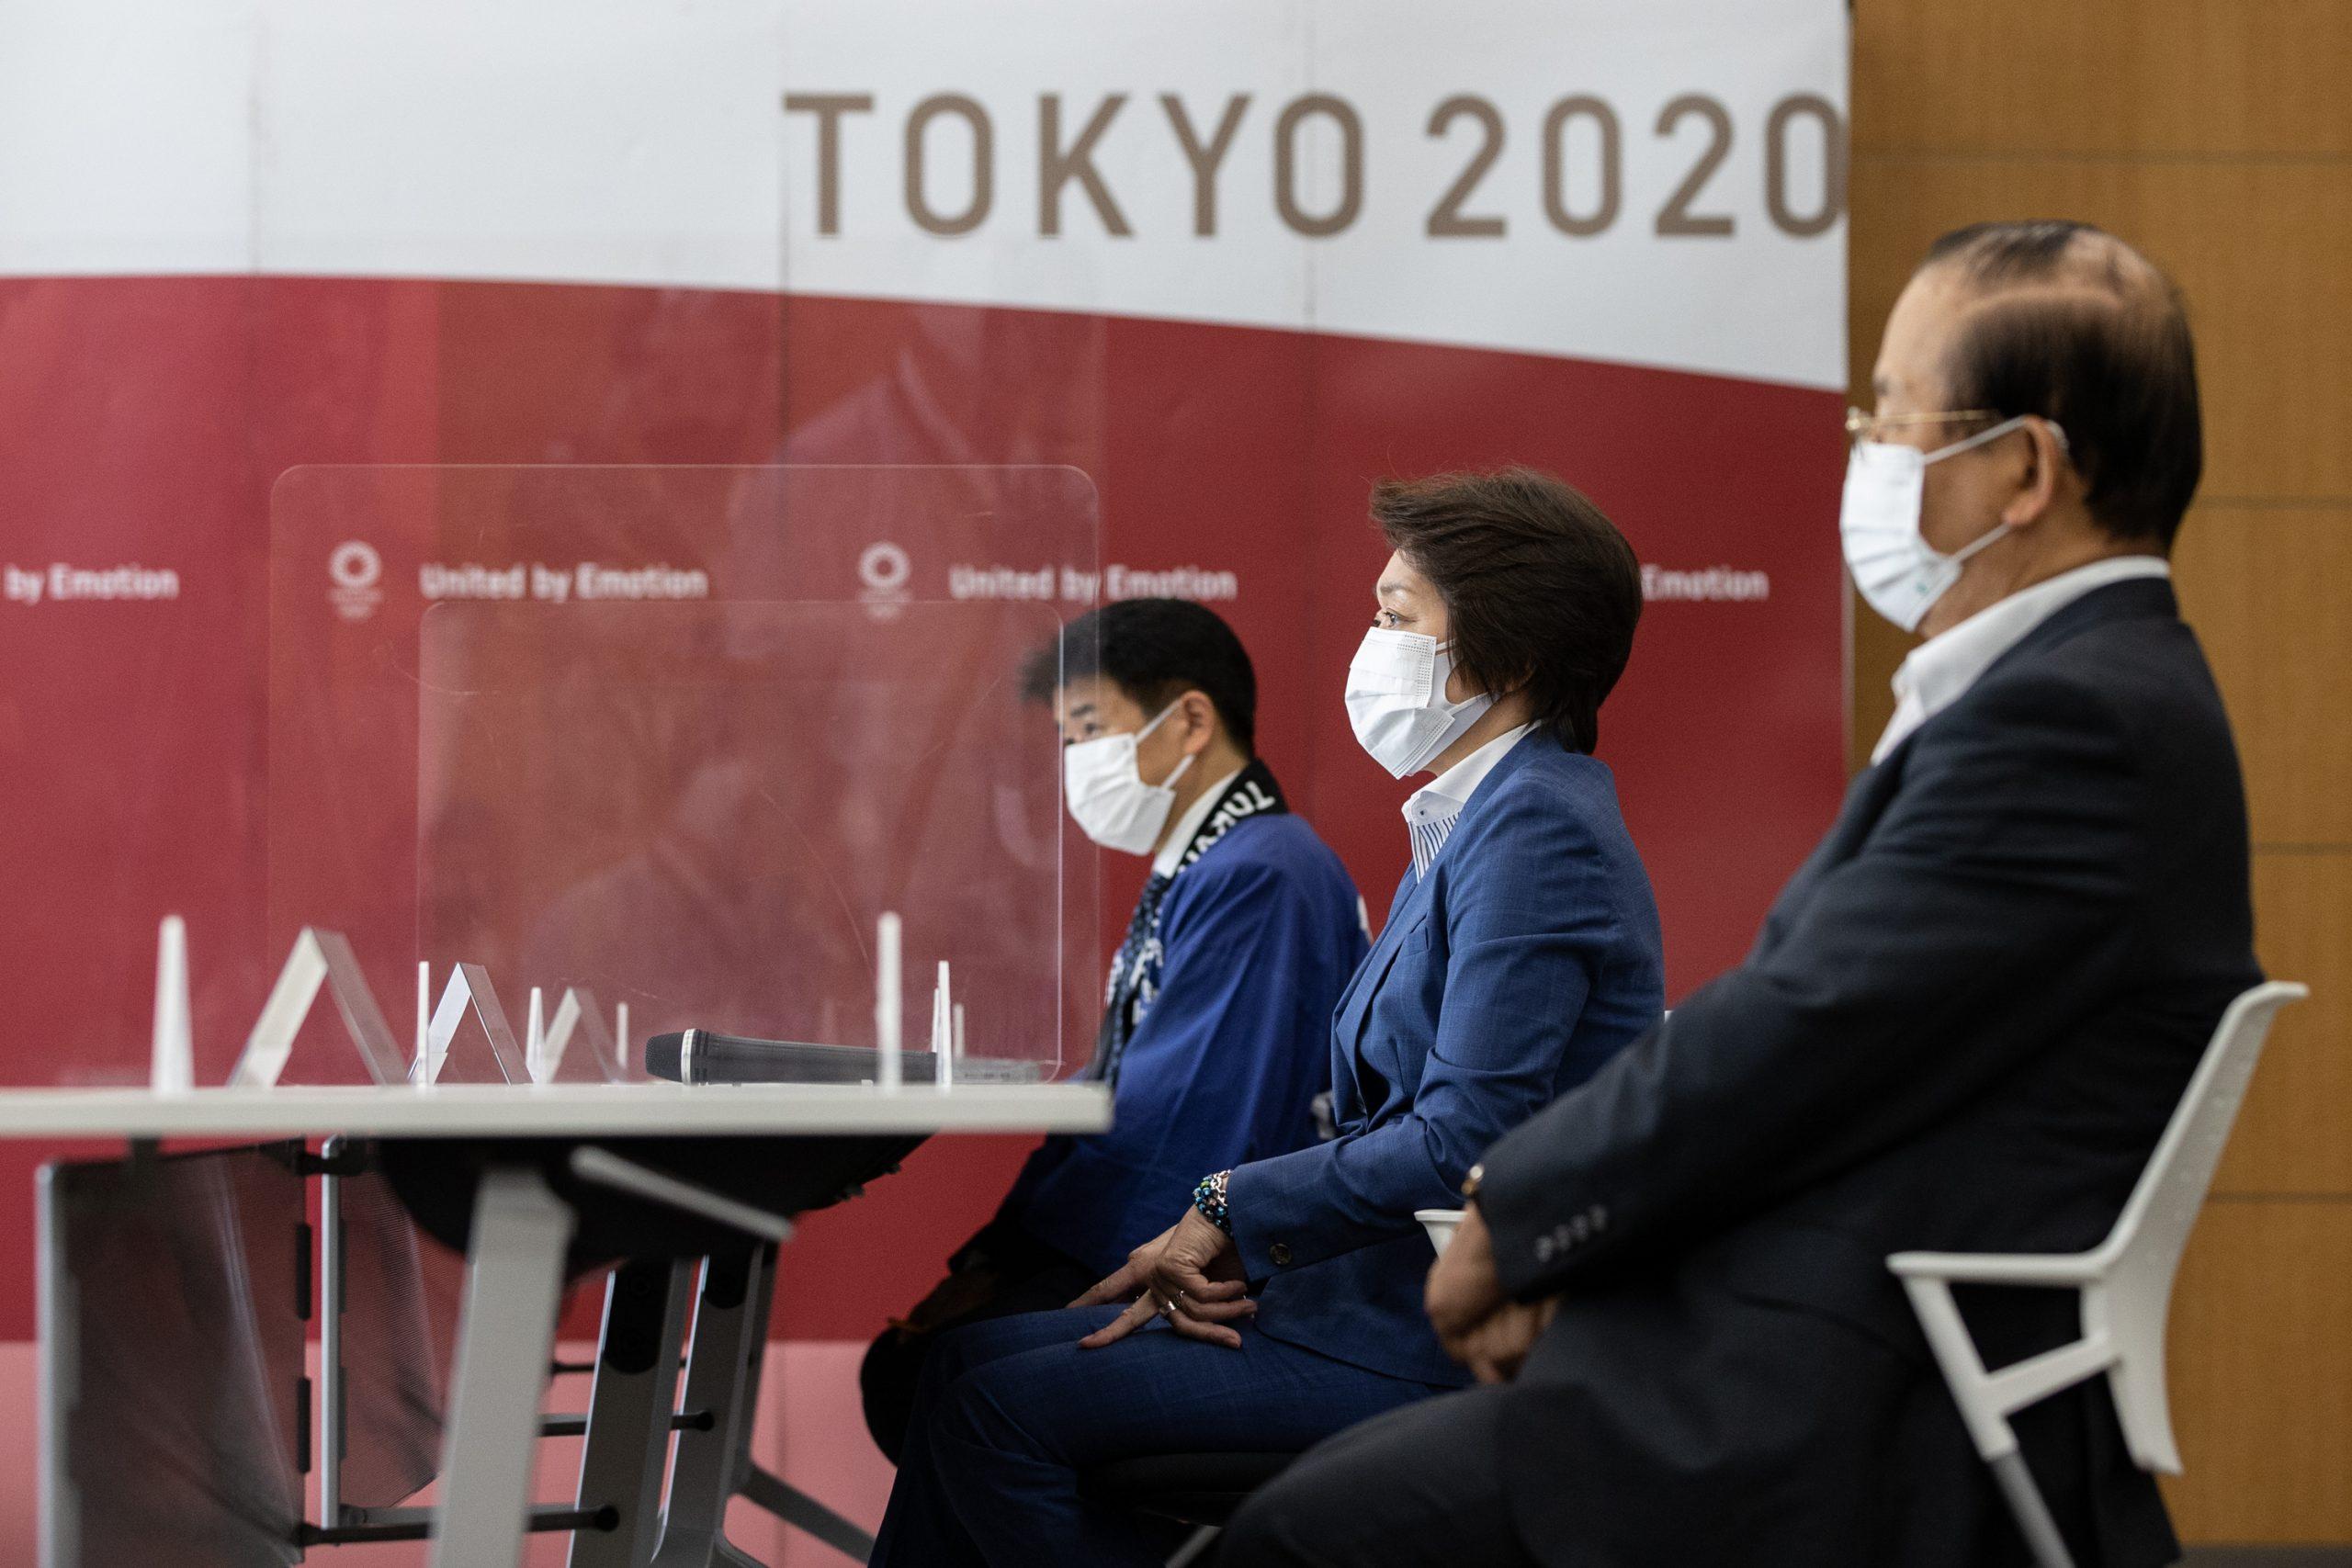 director de la ceremonia de inauguración de Tokio 2020